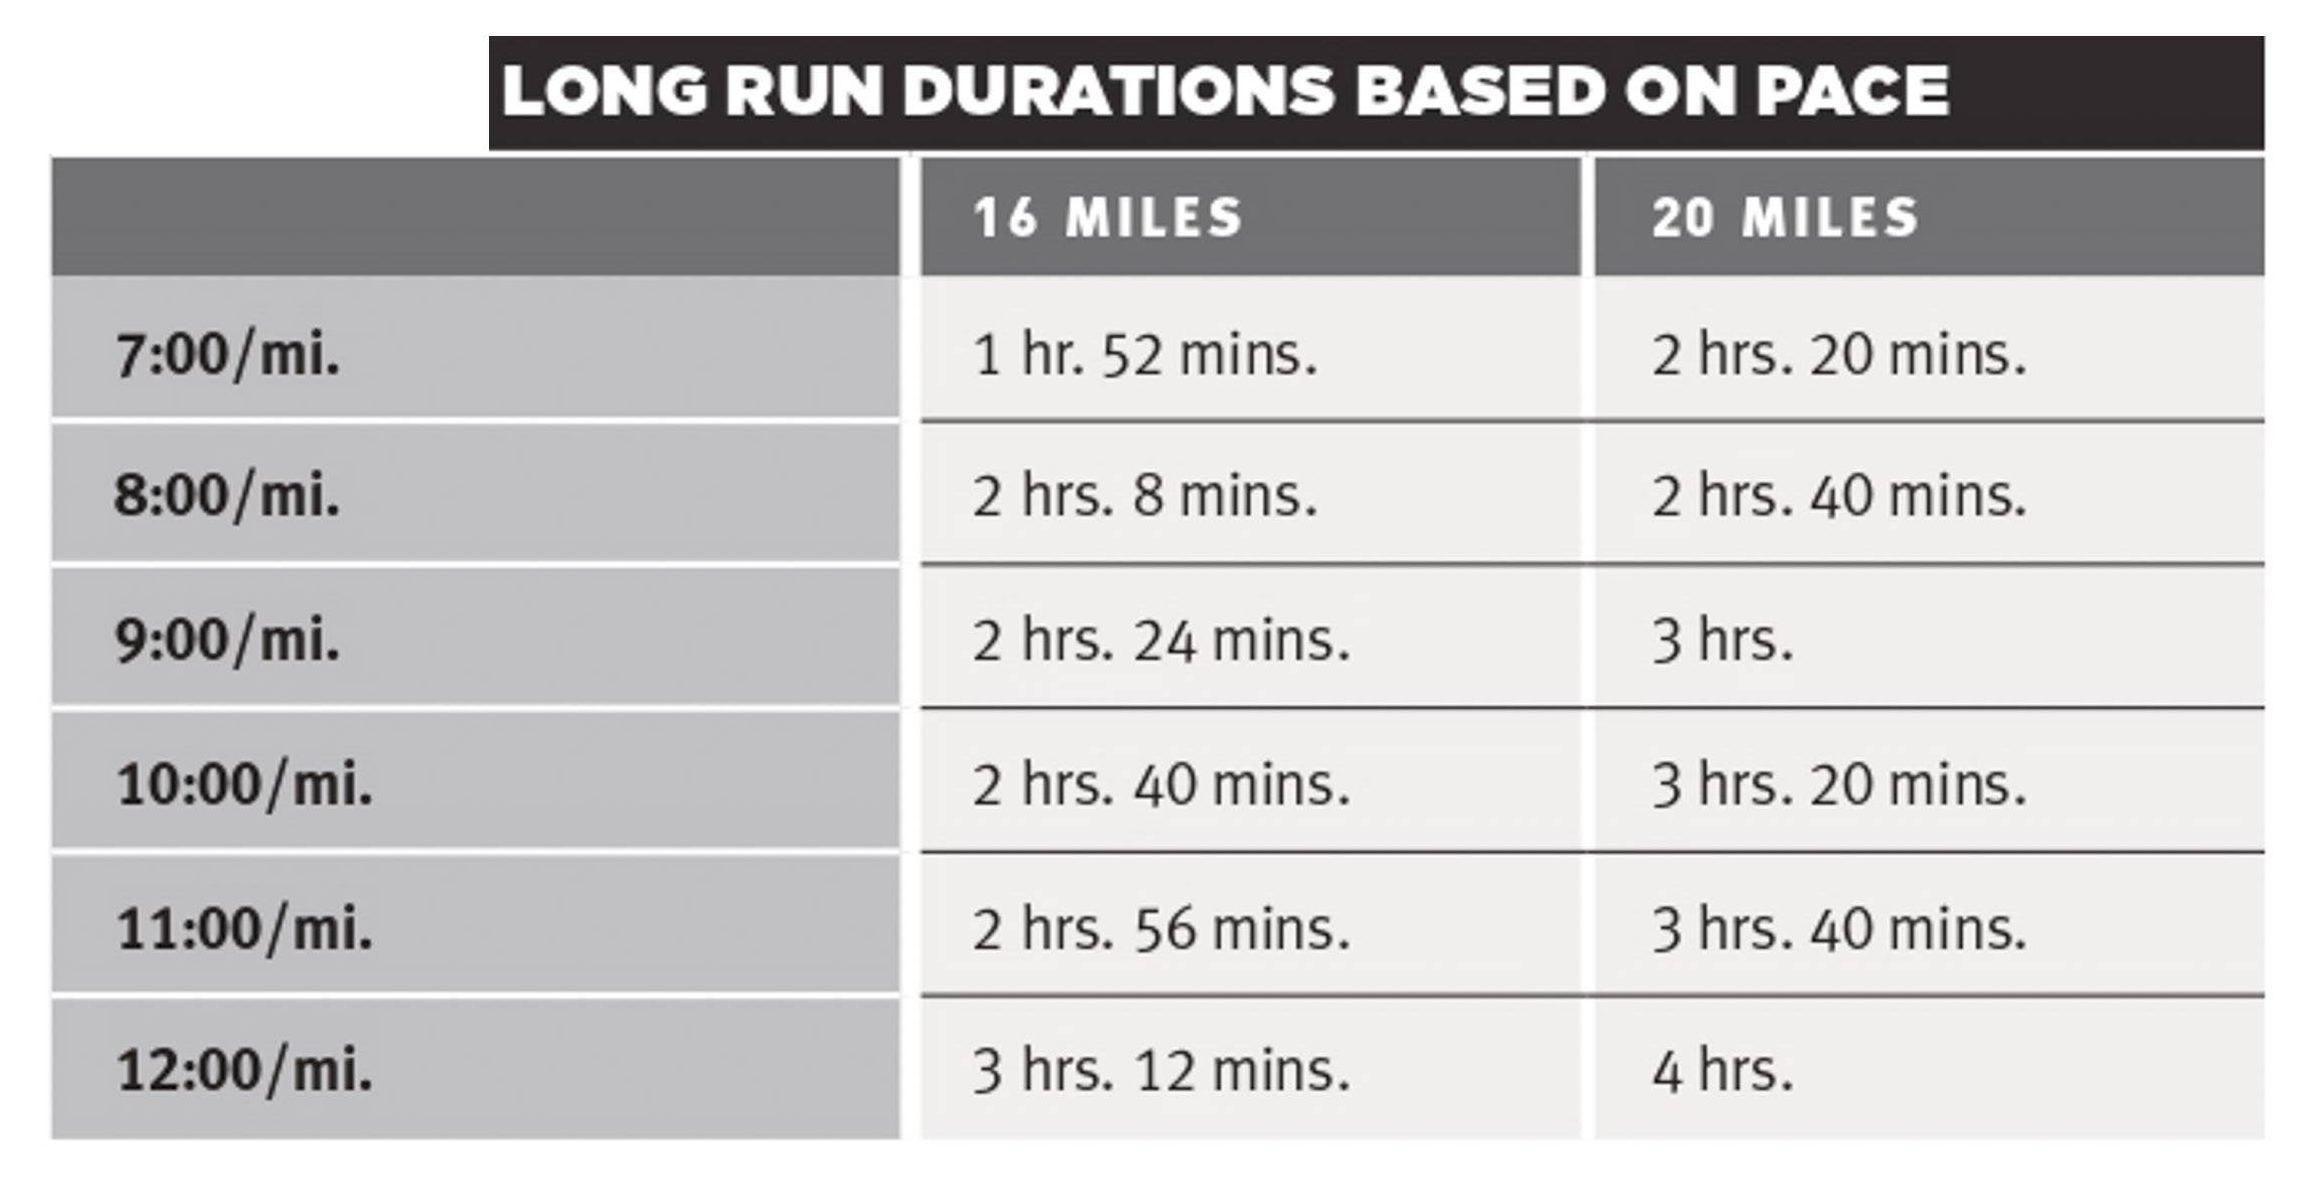 Tabla que muestra la duración de carreras de 16 o 20 millas según el ritmo